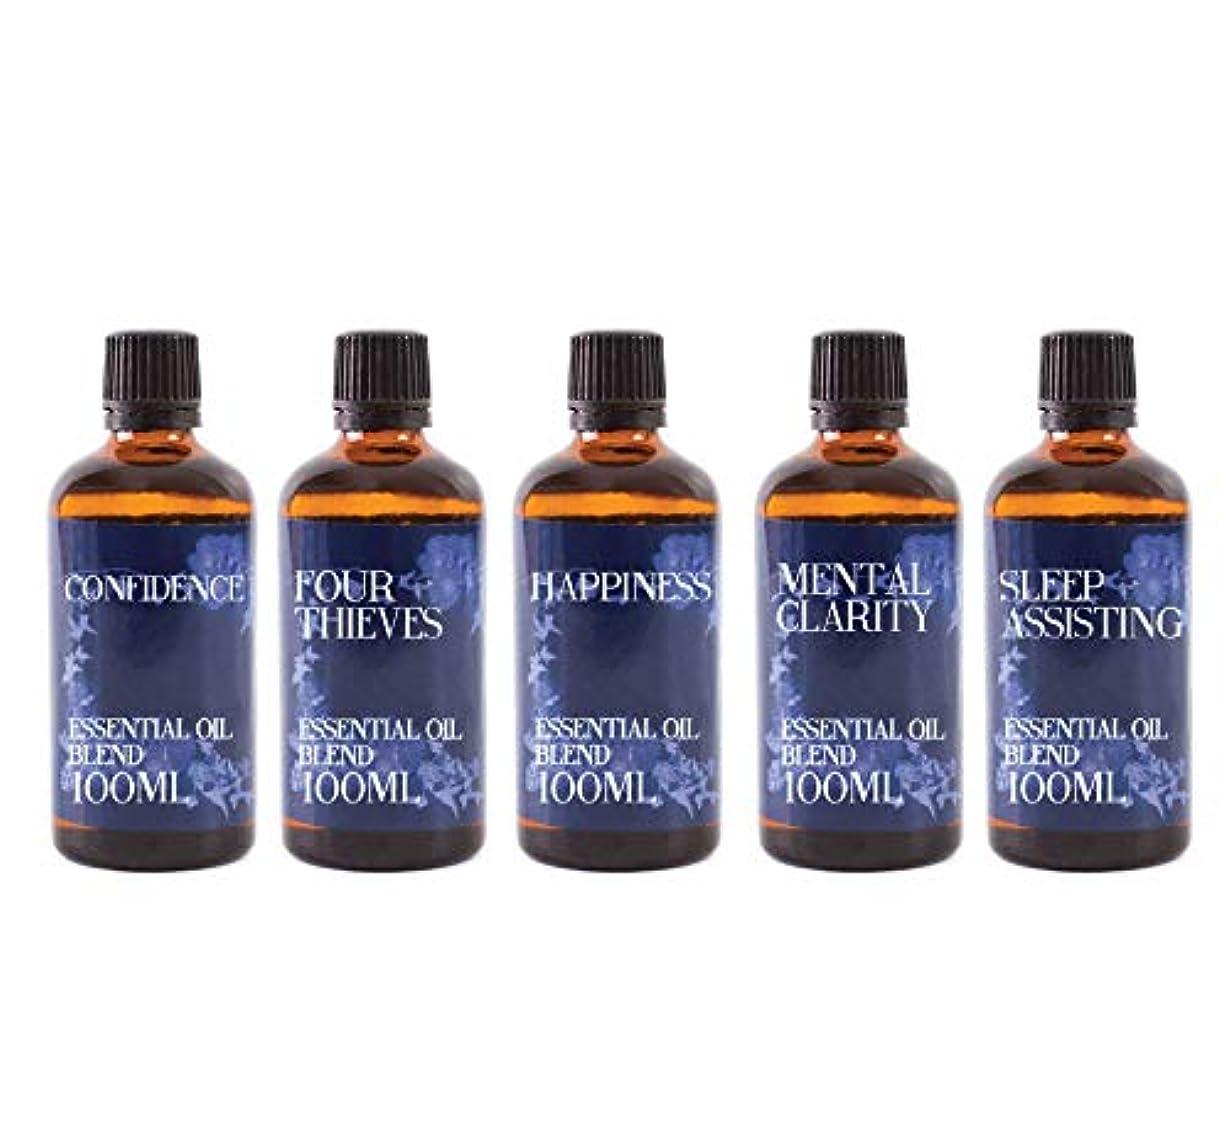 露出度の高い自然宣言Mystix London | Gift Starter Pack of 5 x 100ml - Everyday Essentials - Essential Oil Blends